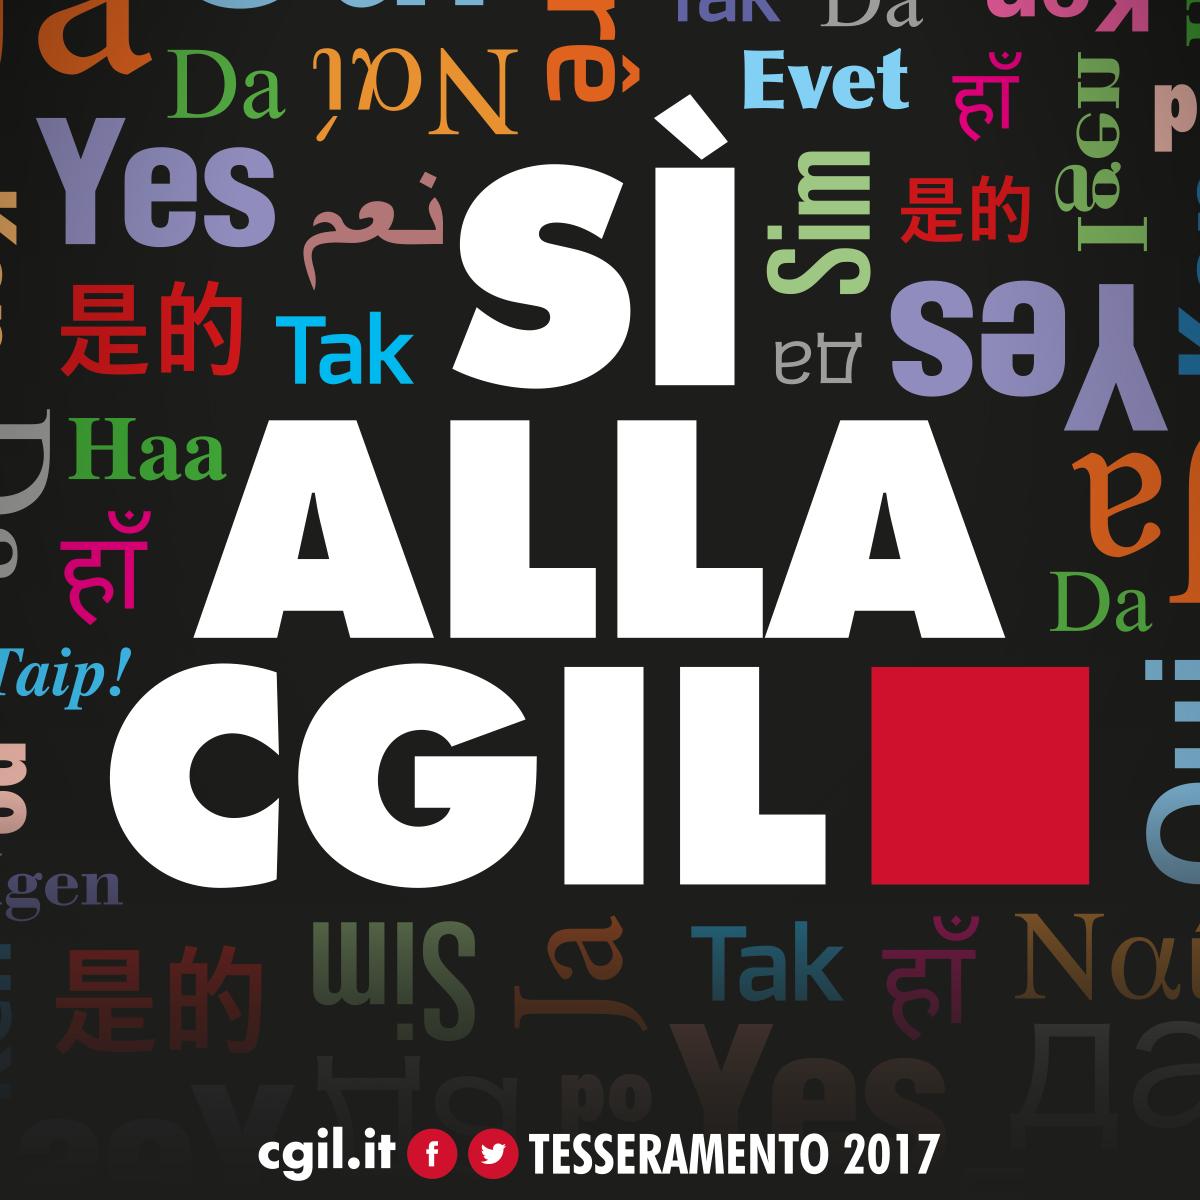 Sì alla CGIL: tesseramento 2017